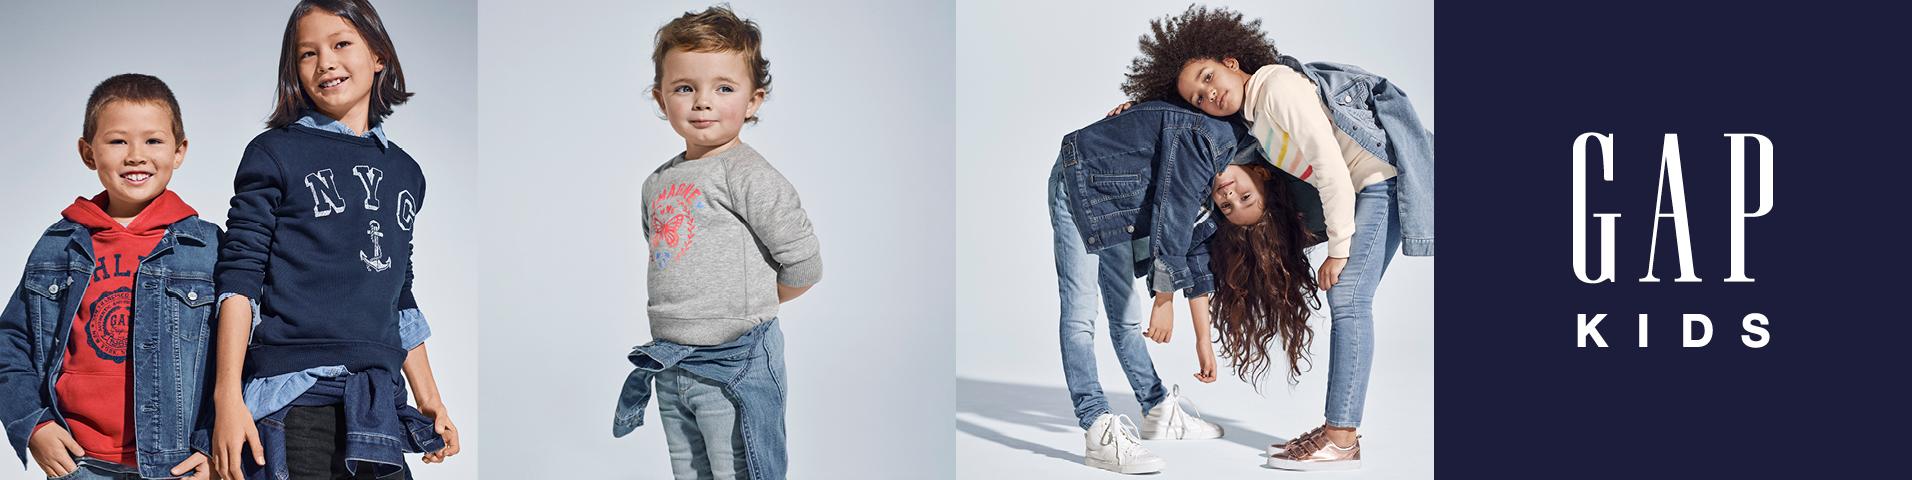 9da87d3f675 Articles pour enfant de GAP · VêtementsSacs   AccessoiresPromos